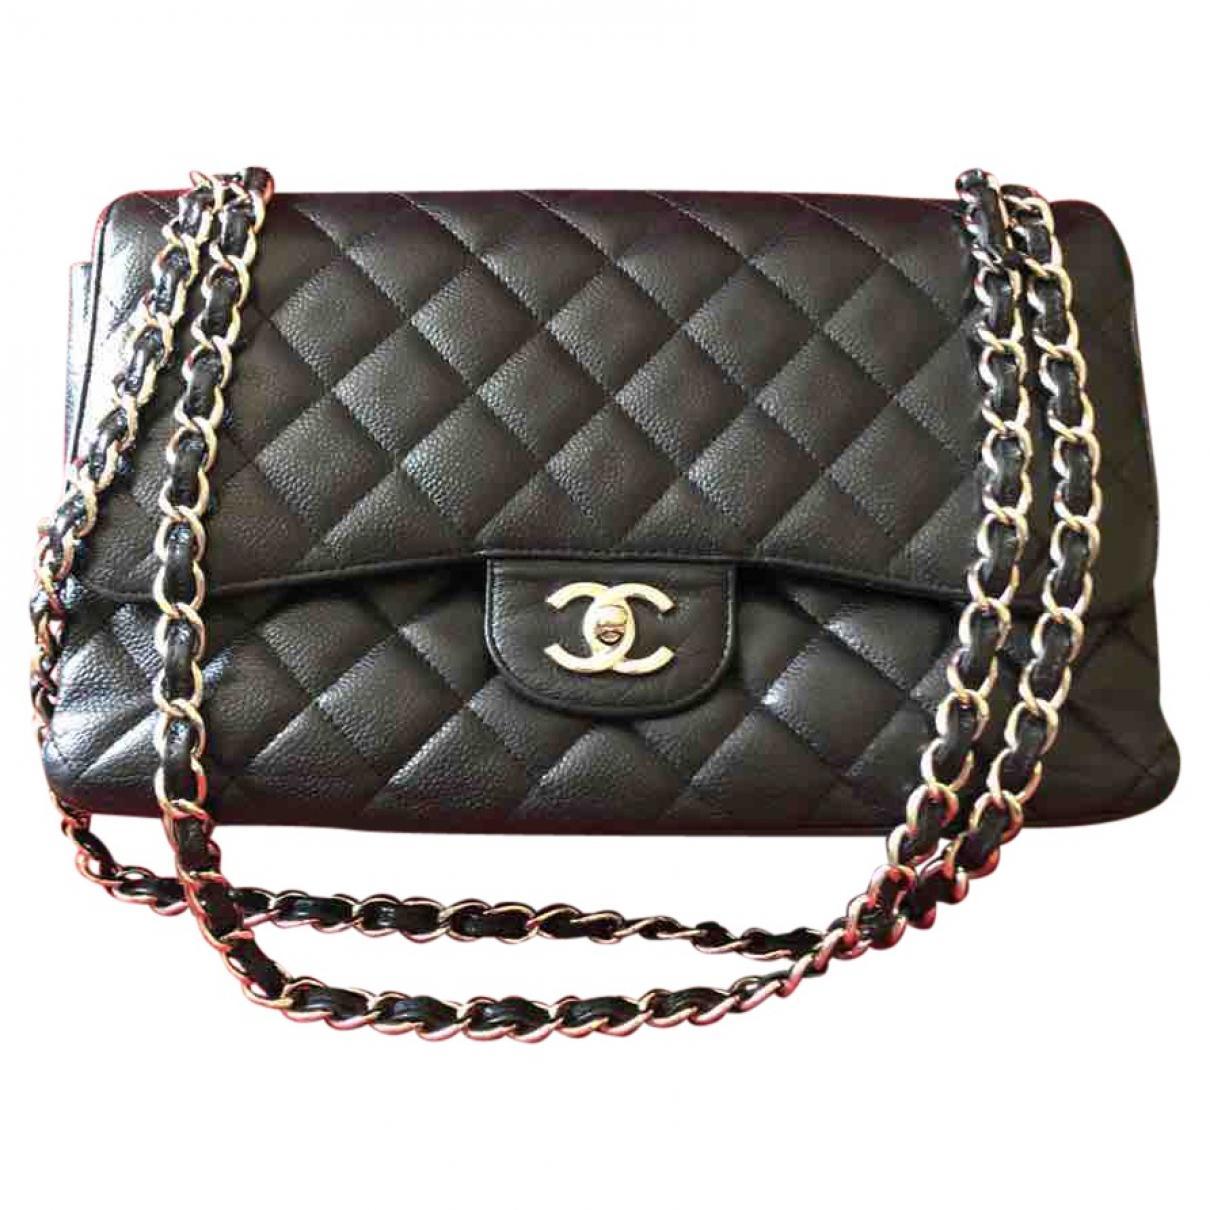 7e2fc8a1020 Lyst - Sac bandoulière Timeless en cuir Chanel en coloris Noir